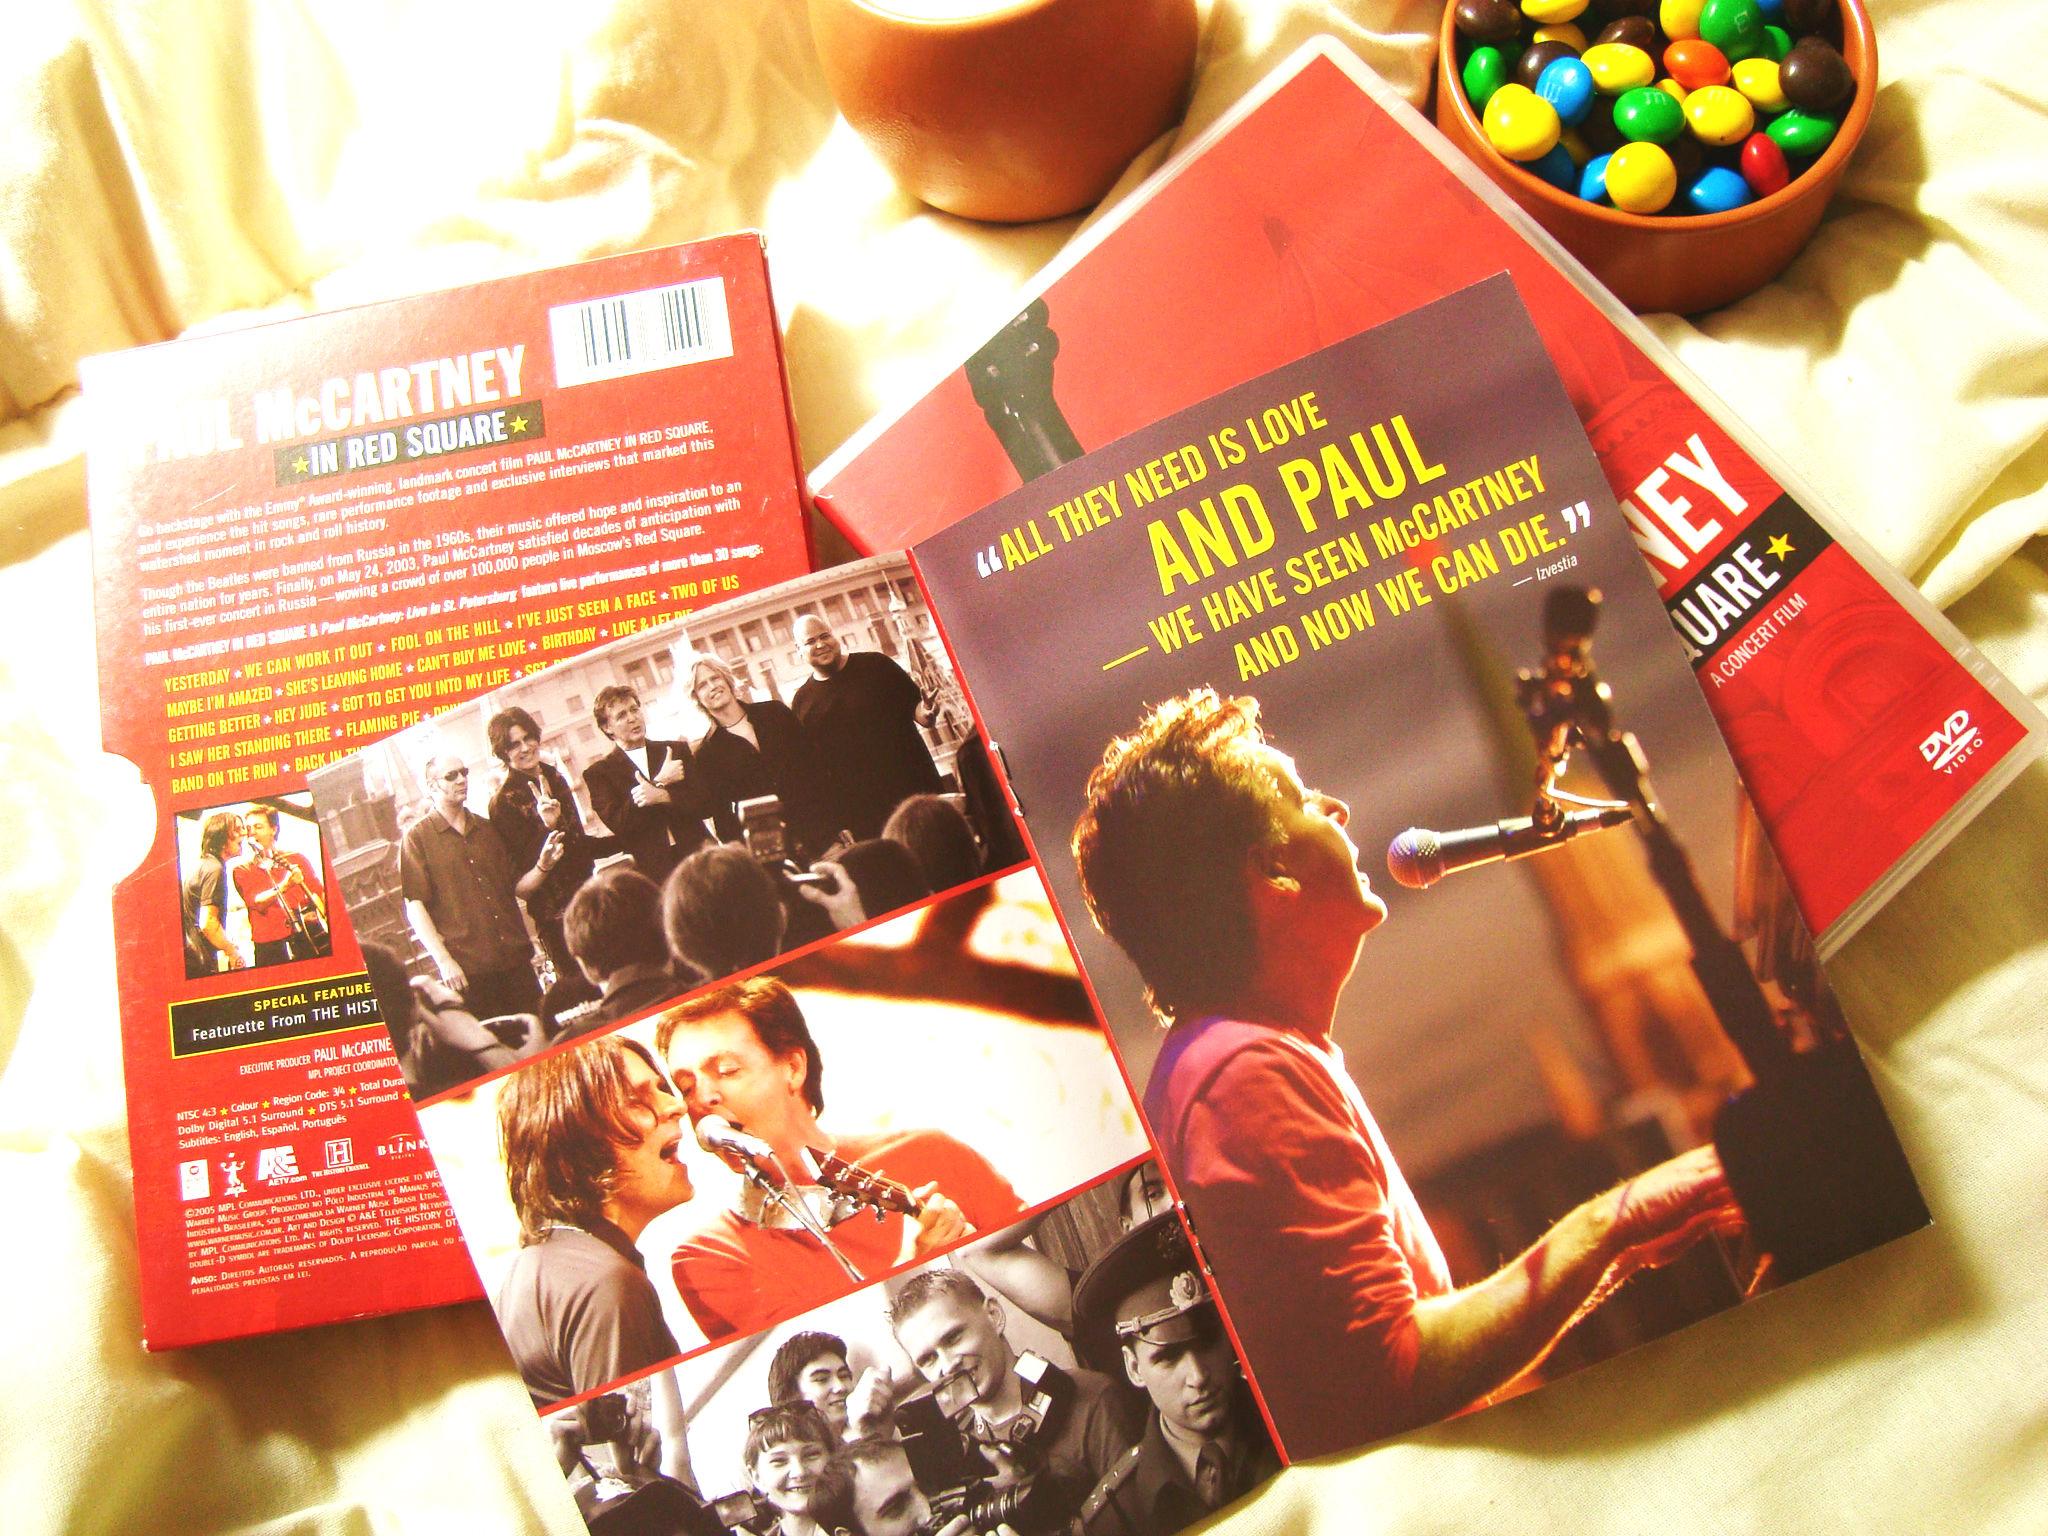 show Paul McCartney in Red Square para assistir no final de semana